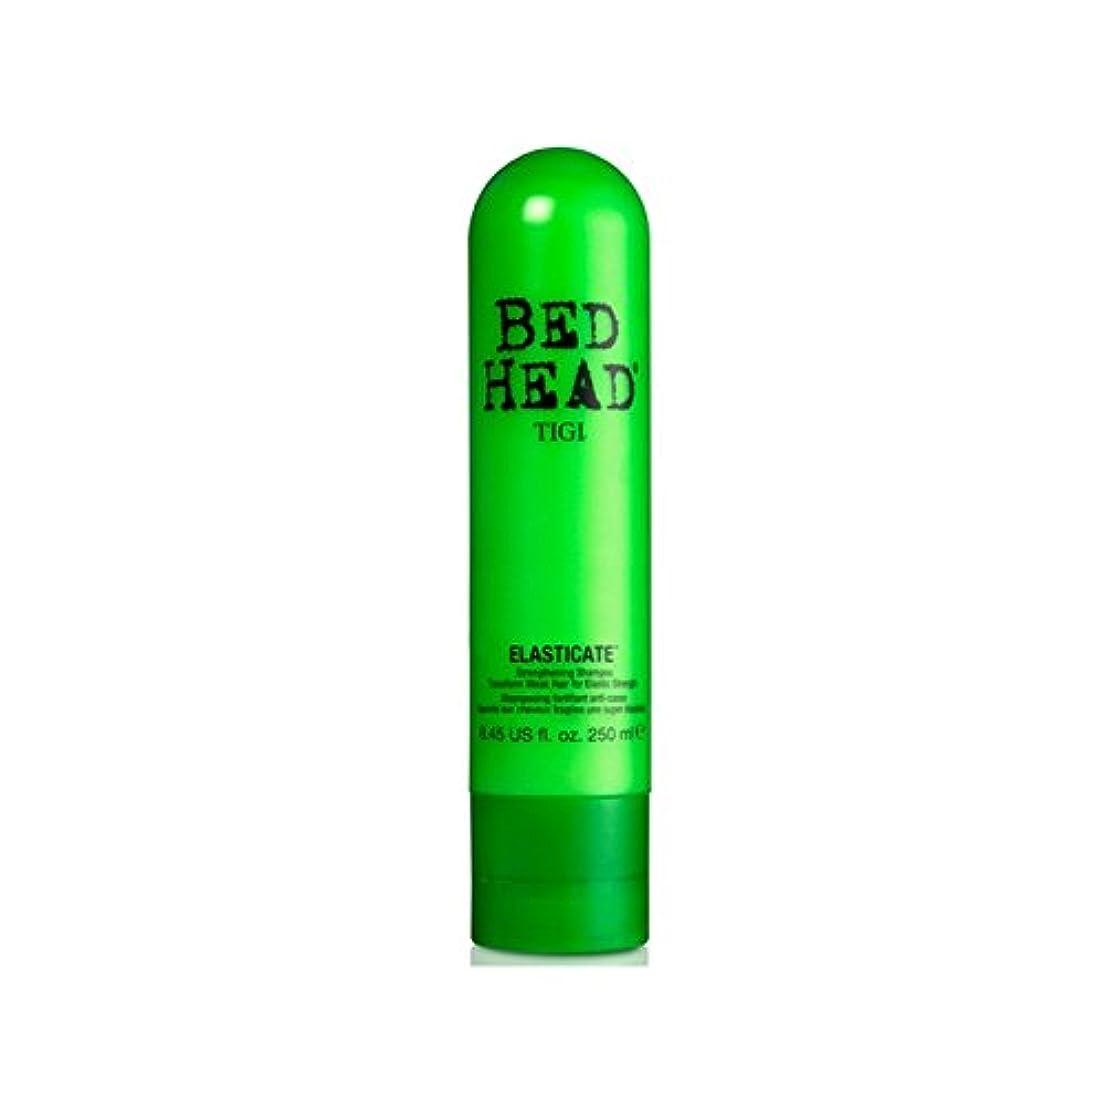 薄める日の出紳士ティジーベッドヘッドシャンプー(250ミリリットル) x2 - Tigi Bed Head Elasticate Shampoo (250ml) (Pack of 2) [並行輸入品]